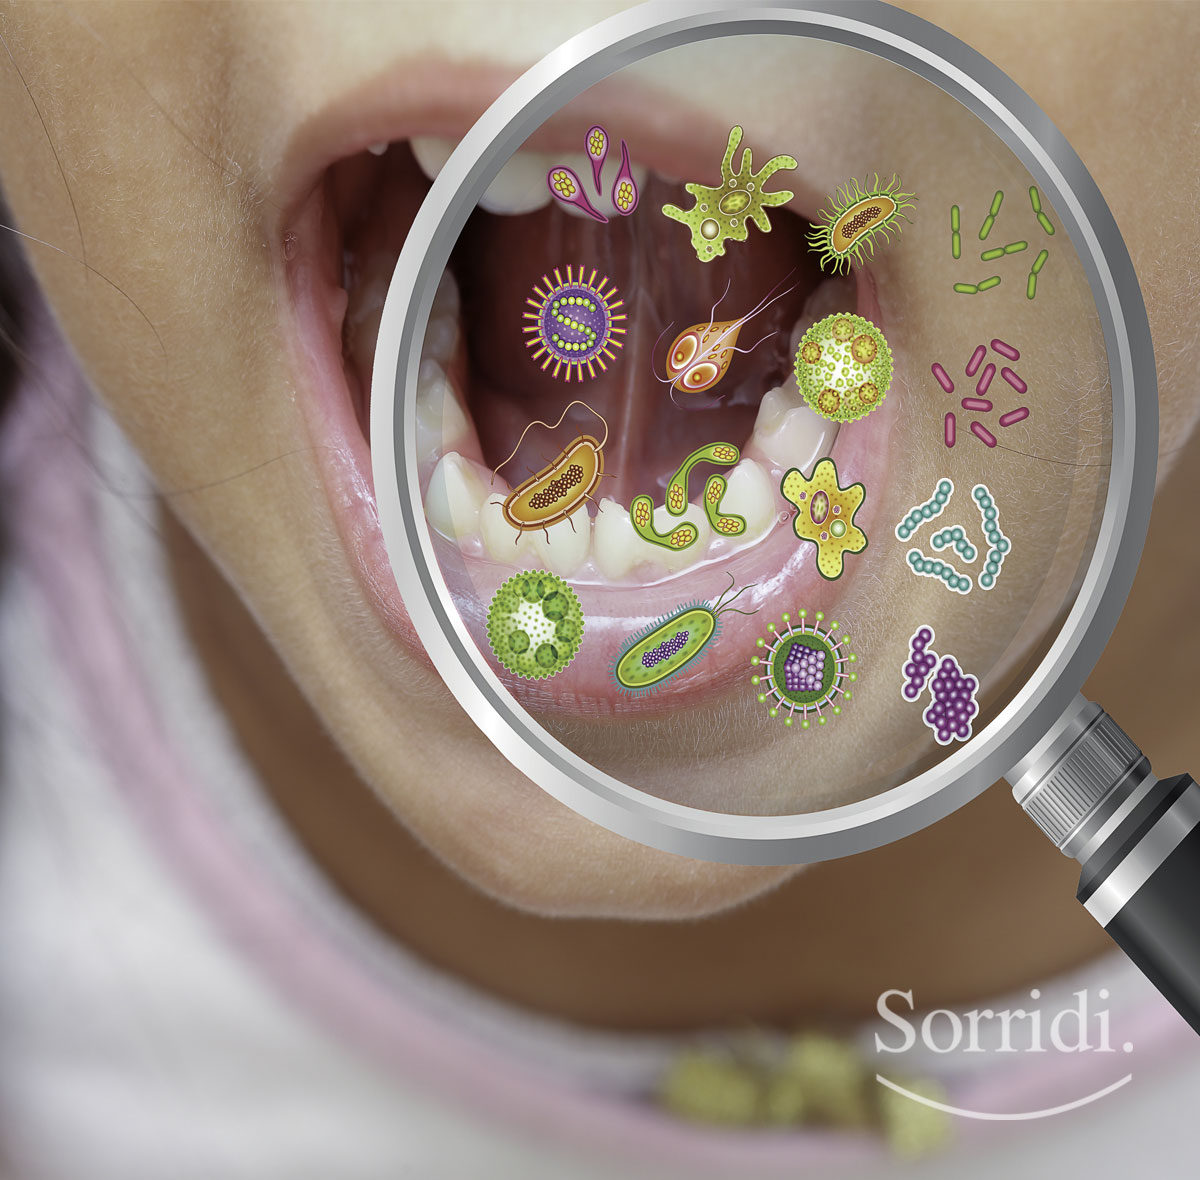 Sorridi-ch-magazine-guida-alle-infezioni-orali-nei-bambini